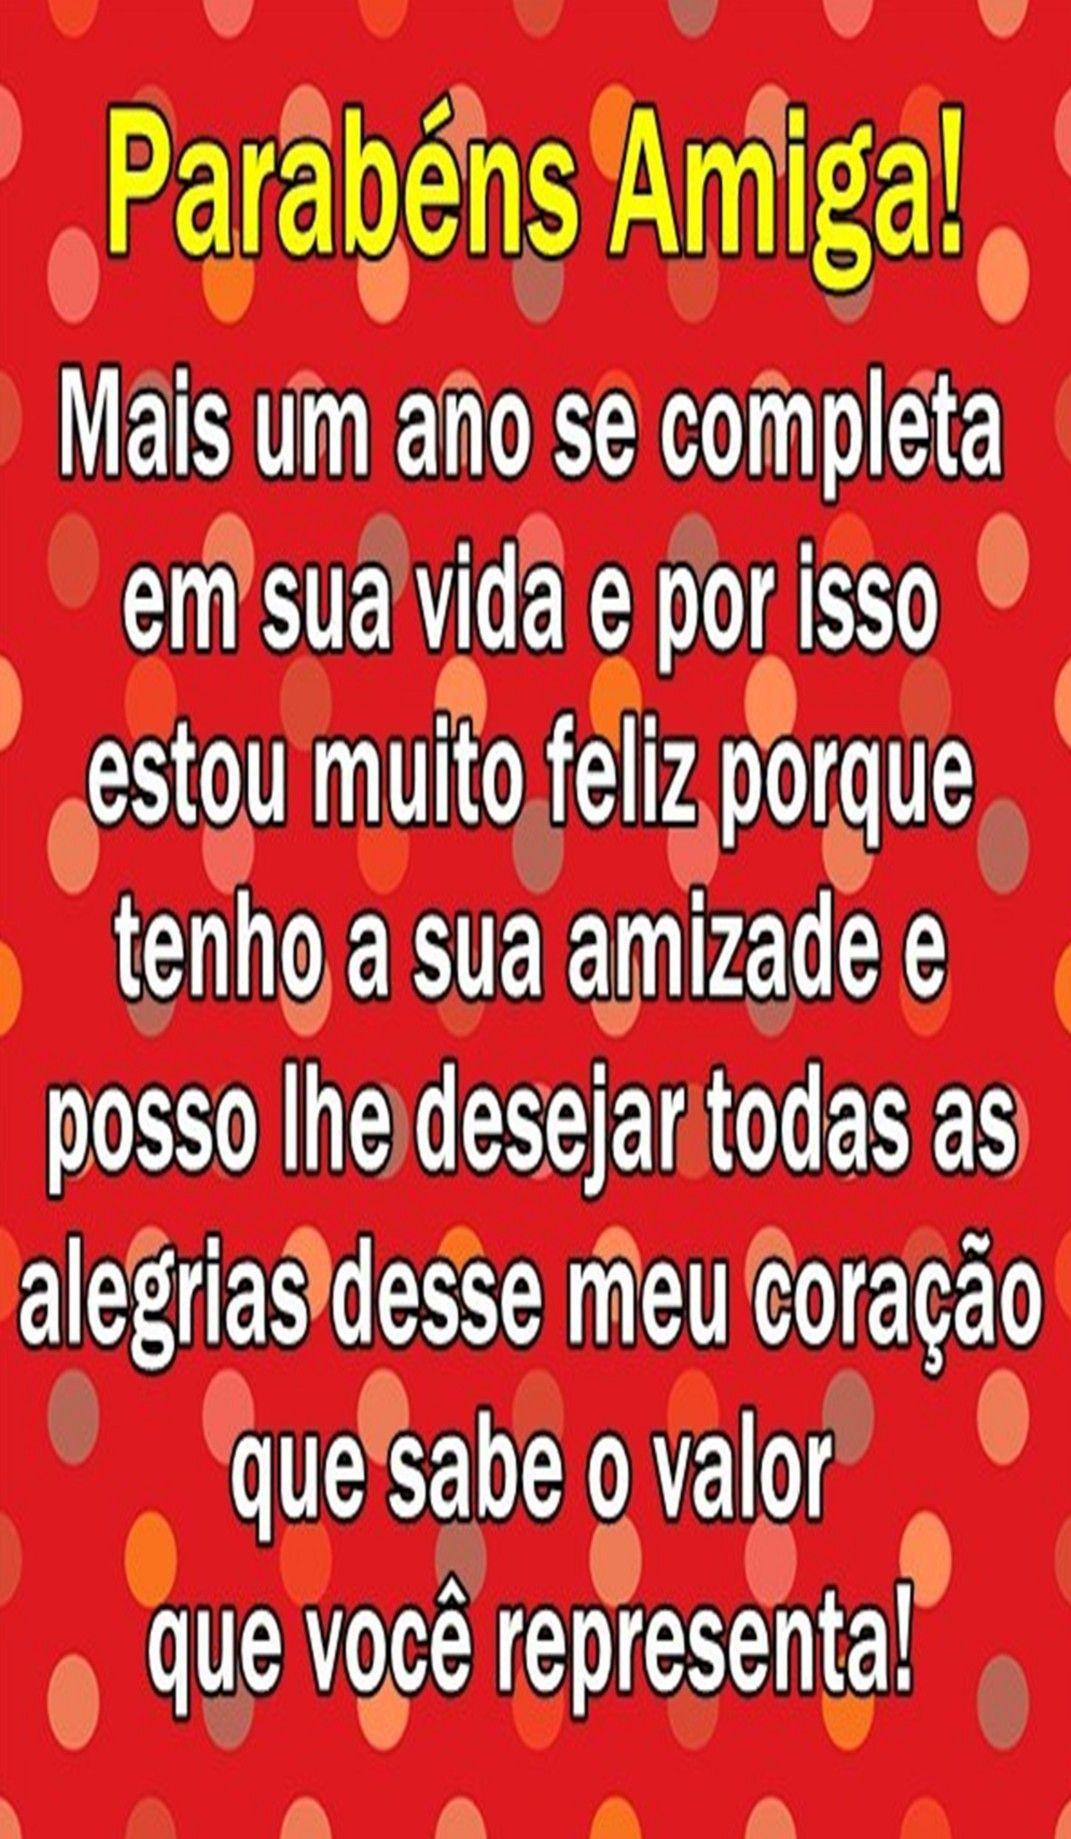 Pin de Nina Alves em Aniversário e dia das mães | Mensagem de feliz  aniversário, Mensagem aniversário amiga, Parabens amiga